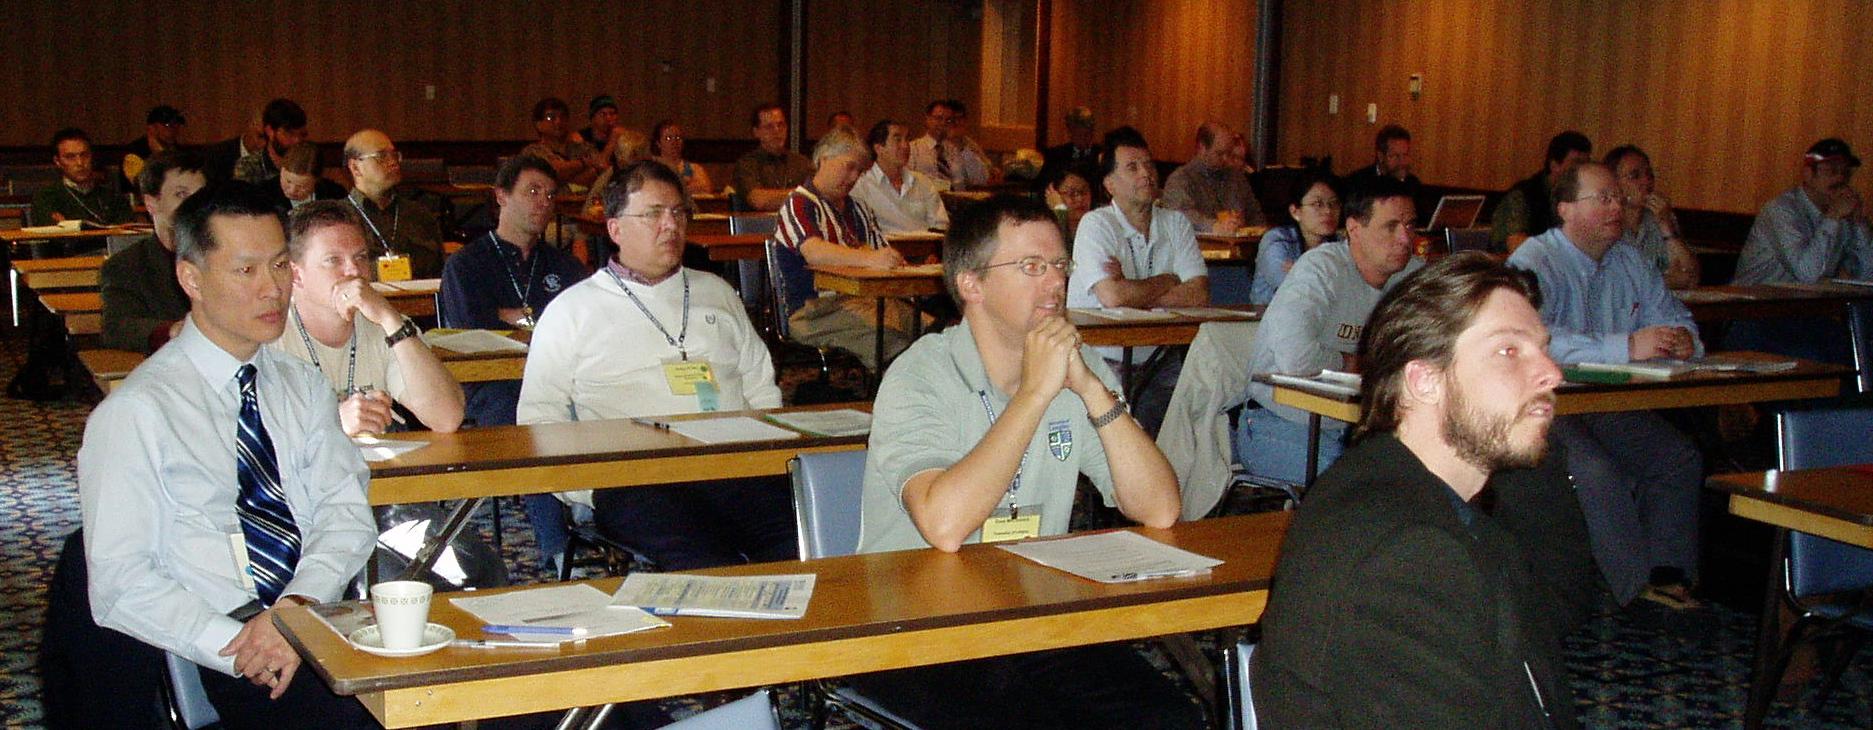 Oliver Brandes at the 2005 Workshop held in Penticton